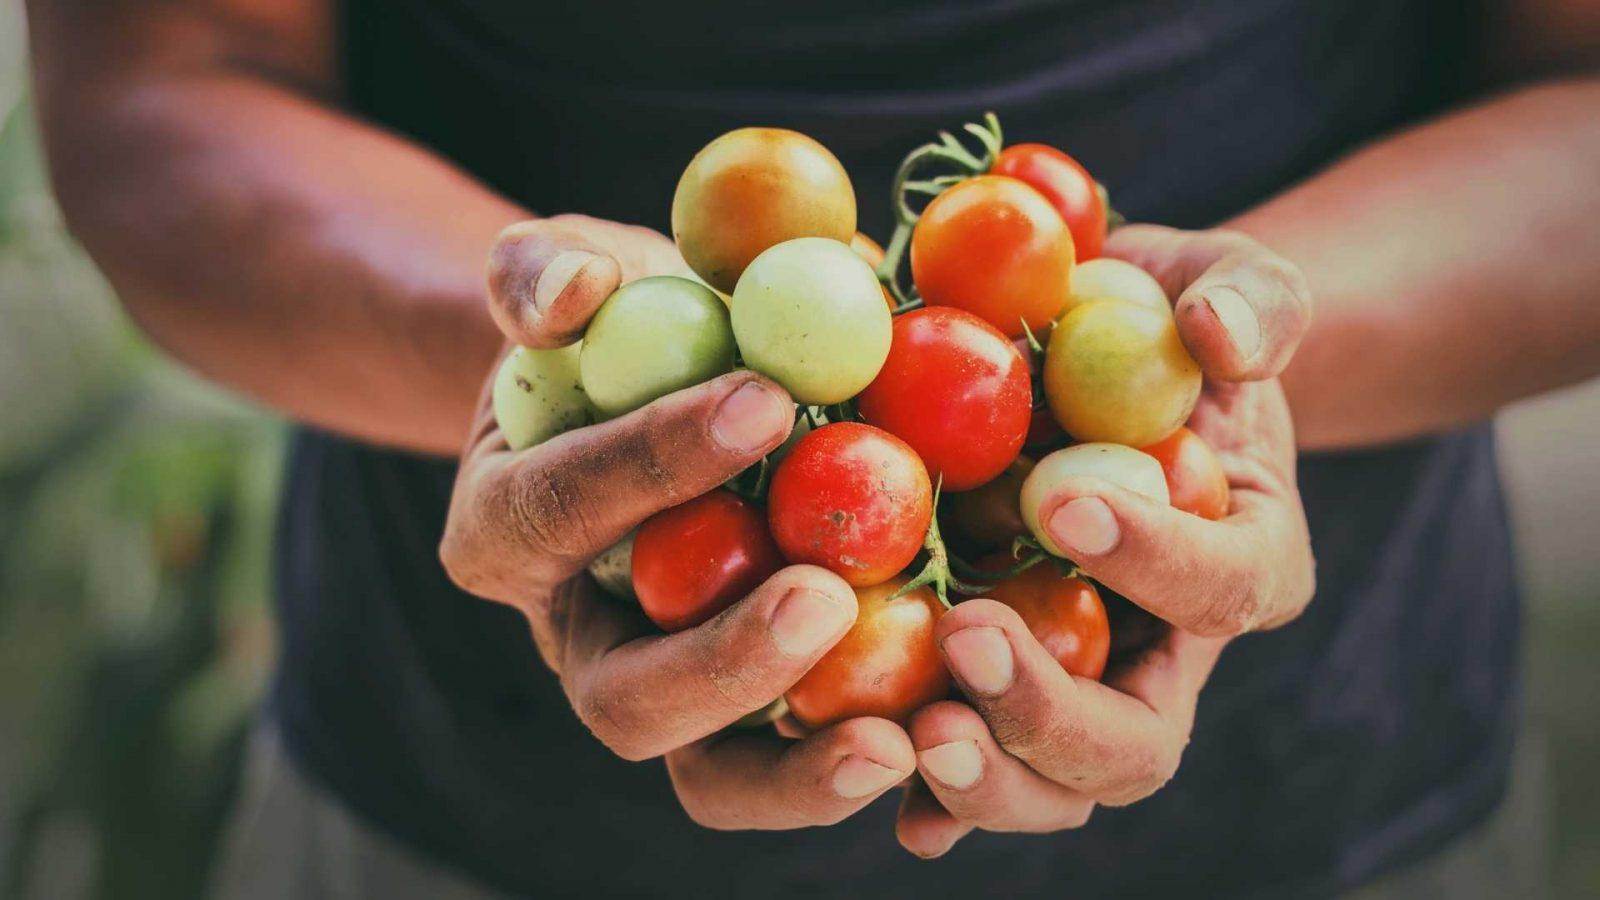 sementi per agricoltura e frutta verdura